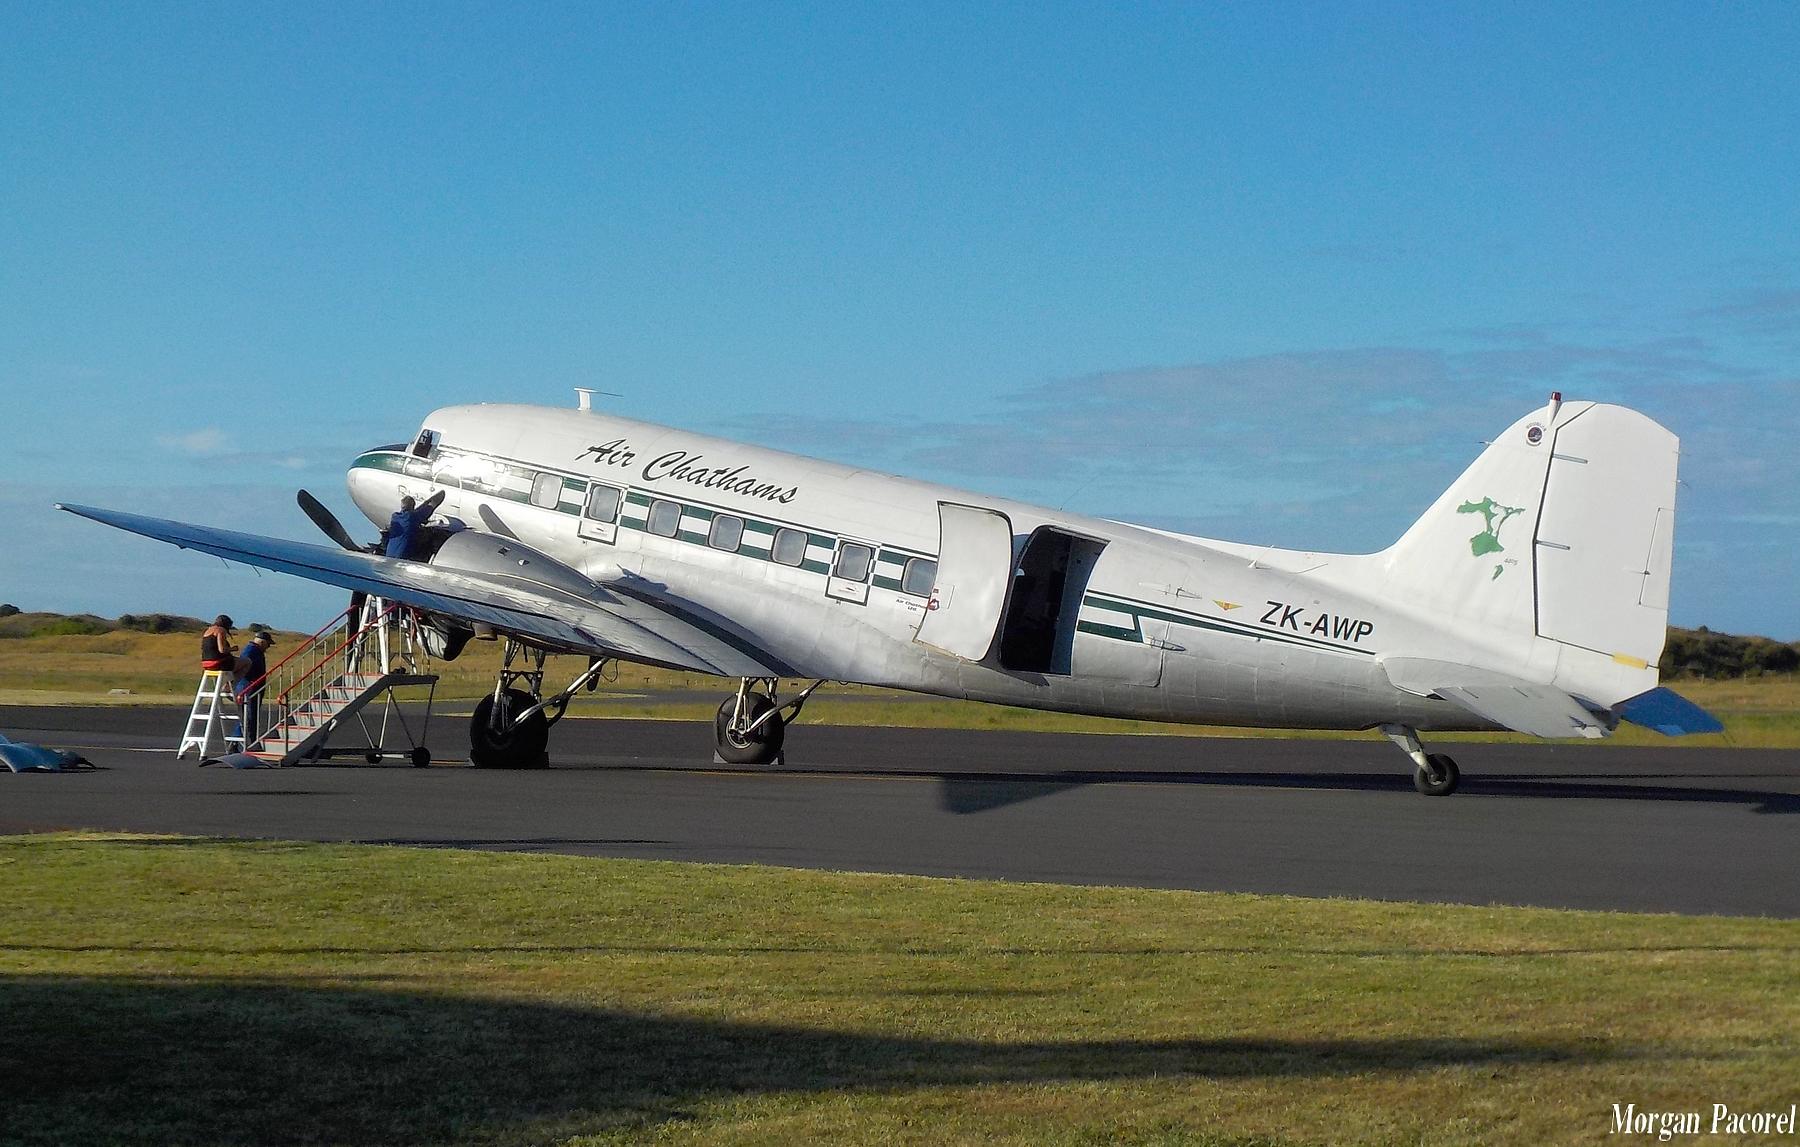 Nouvelle Zélande : spotting à Taupo et Wakatane 180103045246813615